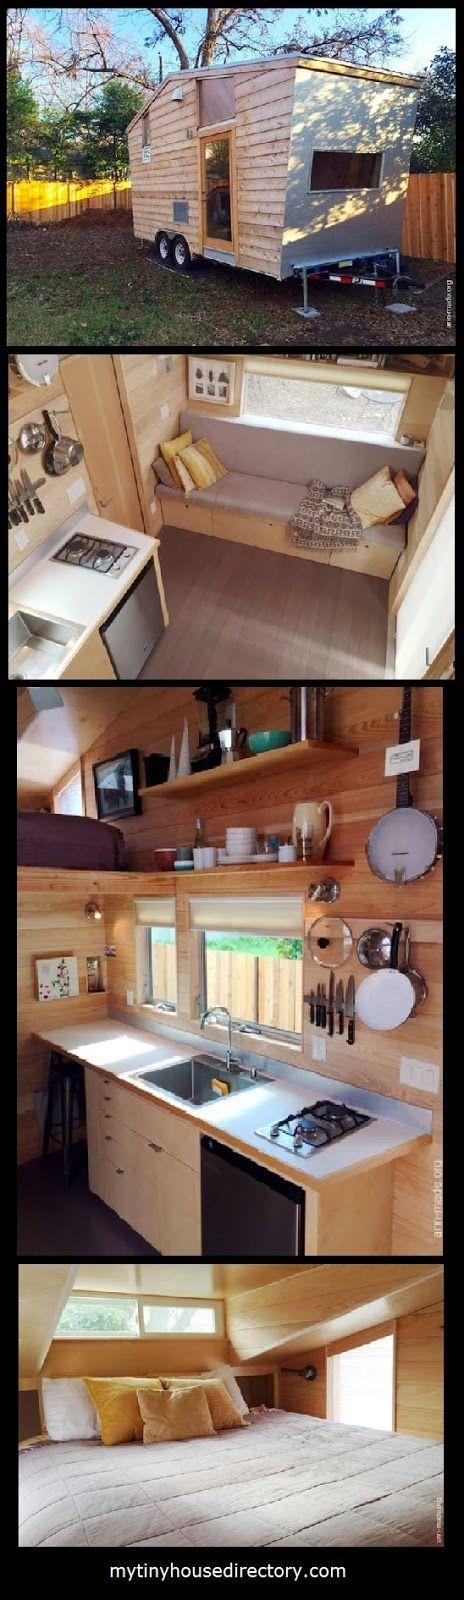 mytinyhousedirectory: Lovely Tiny Home